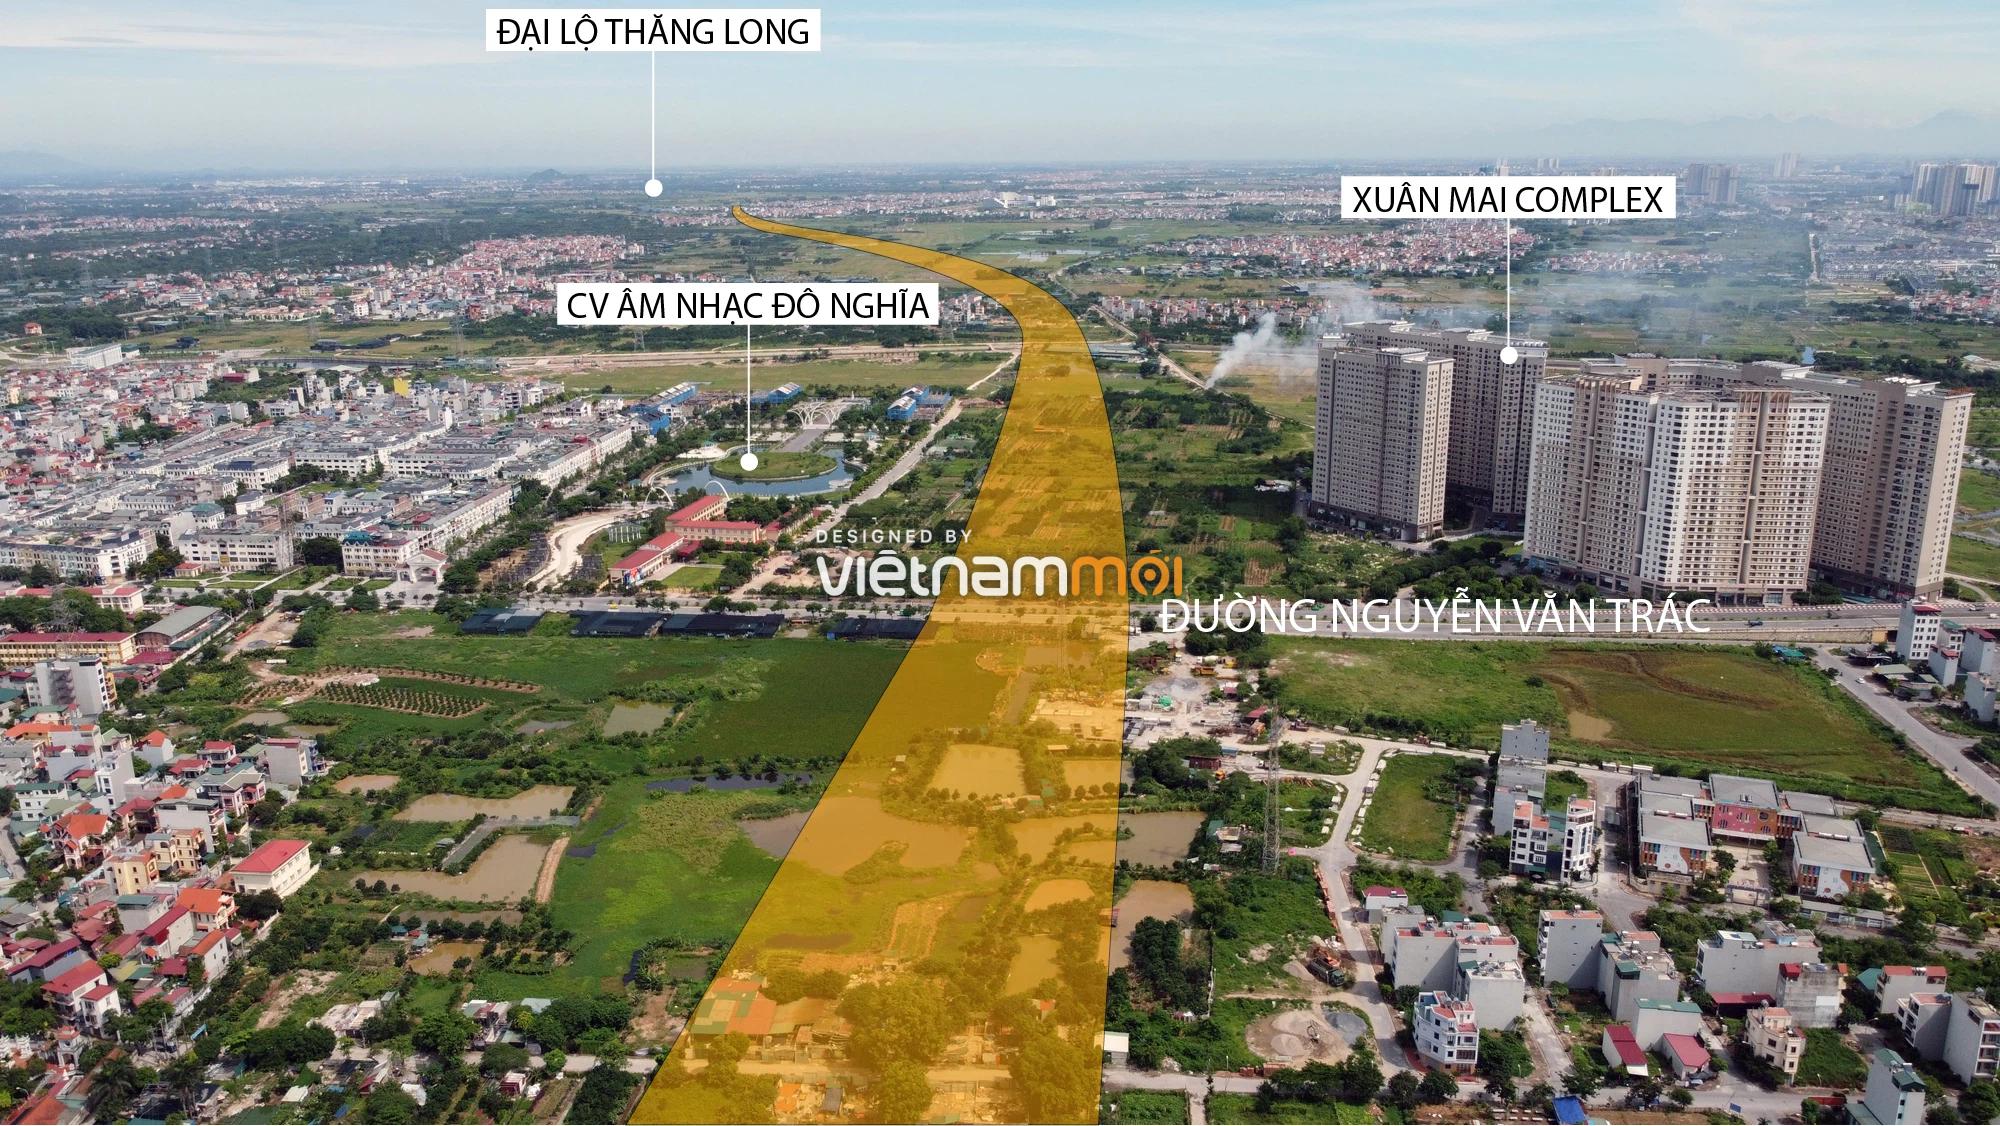 Hà Nội chi hơn 83.000 tỷ đồng vào 255 dự án giao thông, đầu tư nhiều tuyến vành đai và cầu - Ảnh 4.